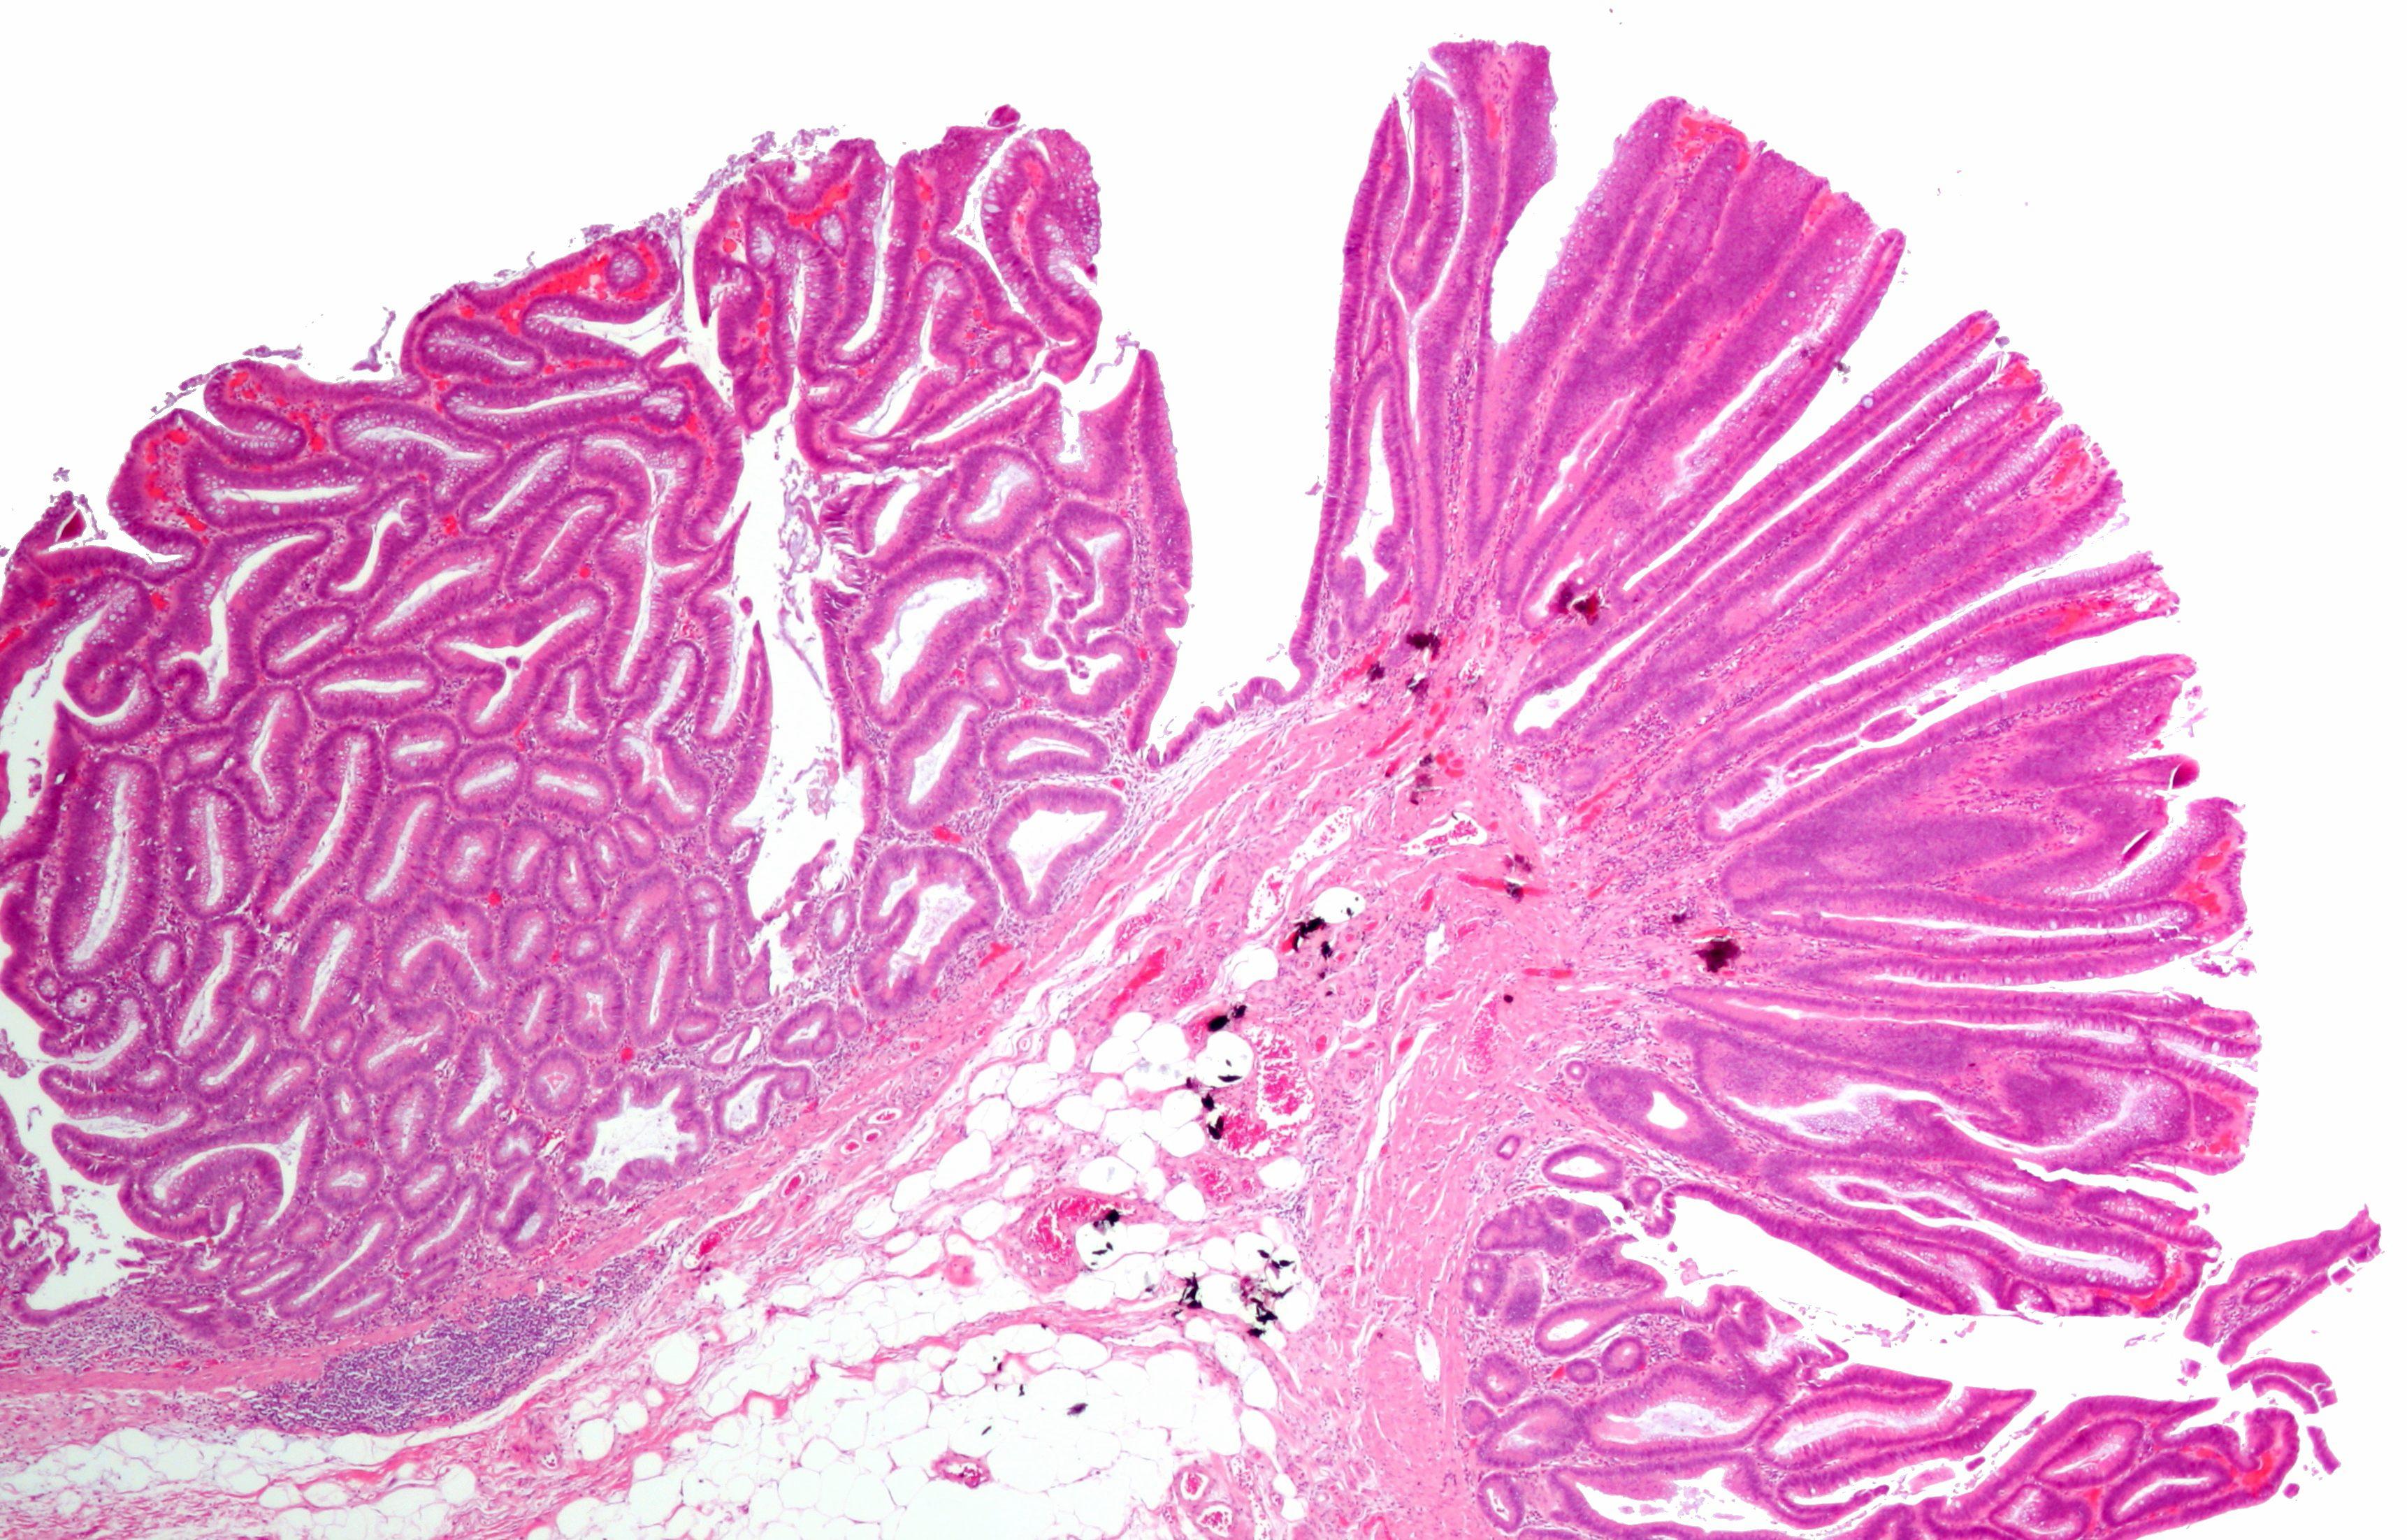 Analize Markeri tumorali - Preturi si informatii utile | Bioclinica